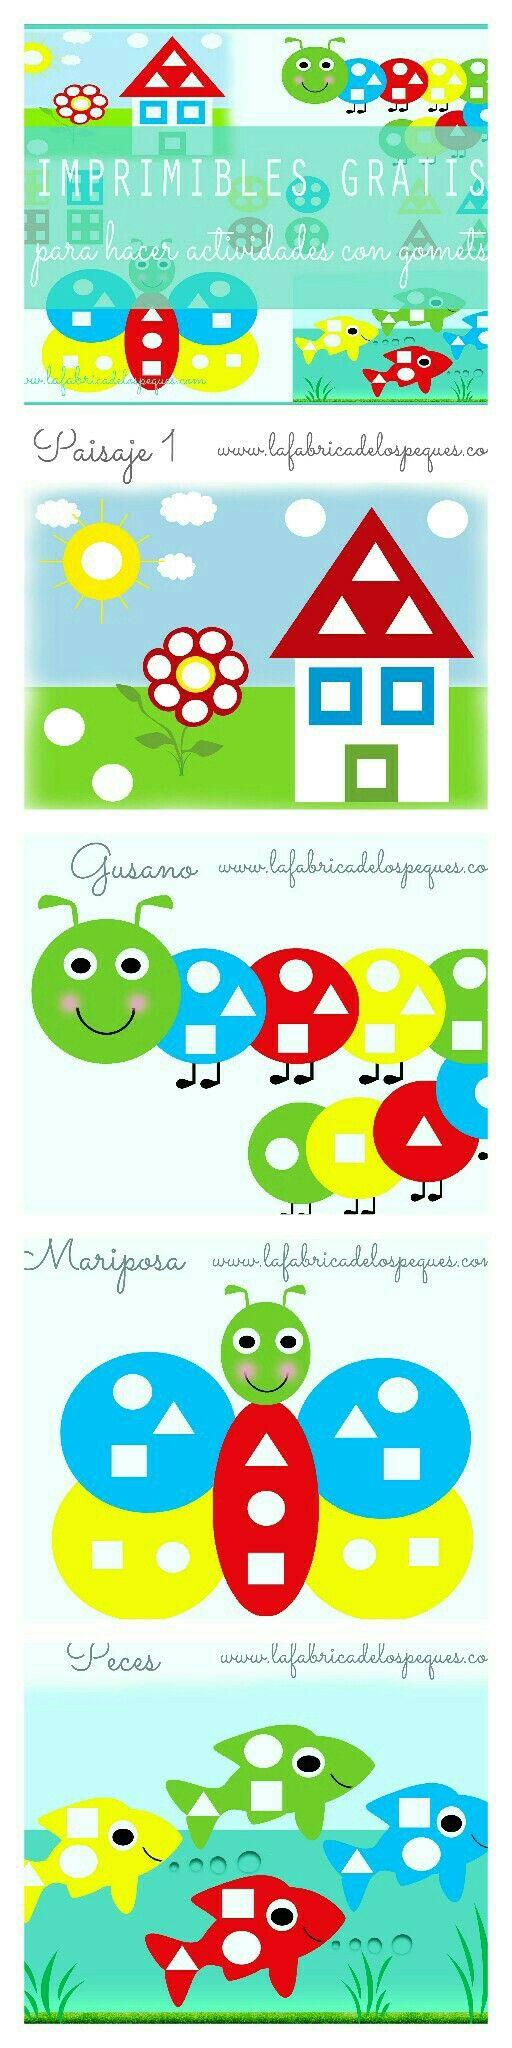 Imprimibles gratis para hacer actividades con gomets | La fábrica de los peques